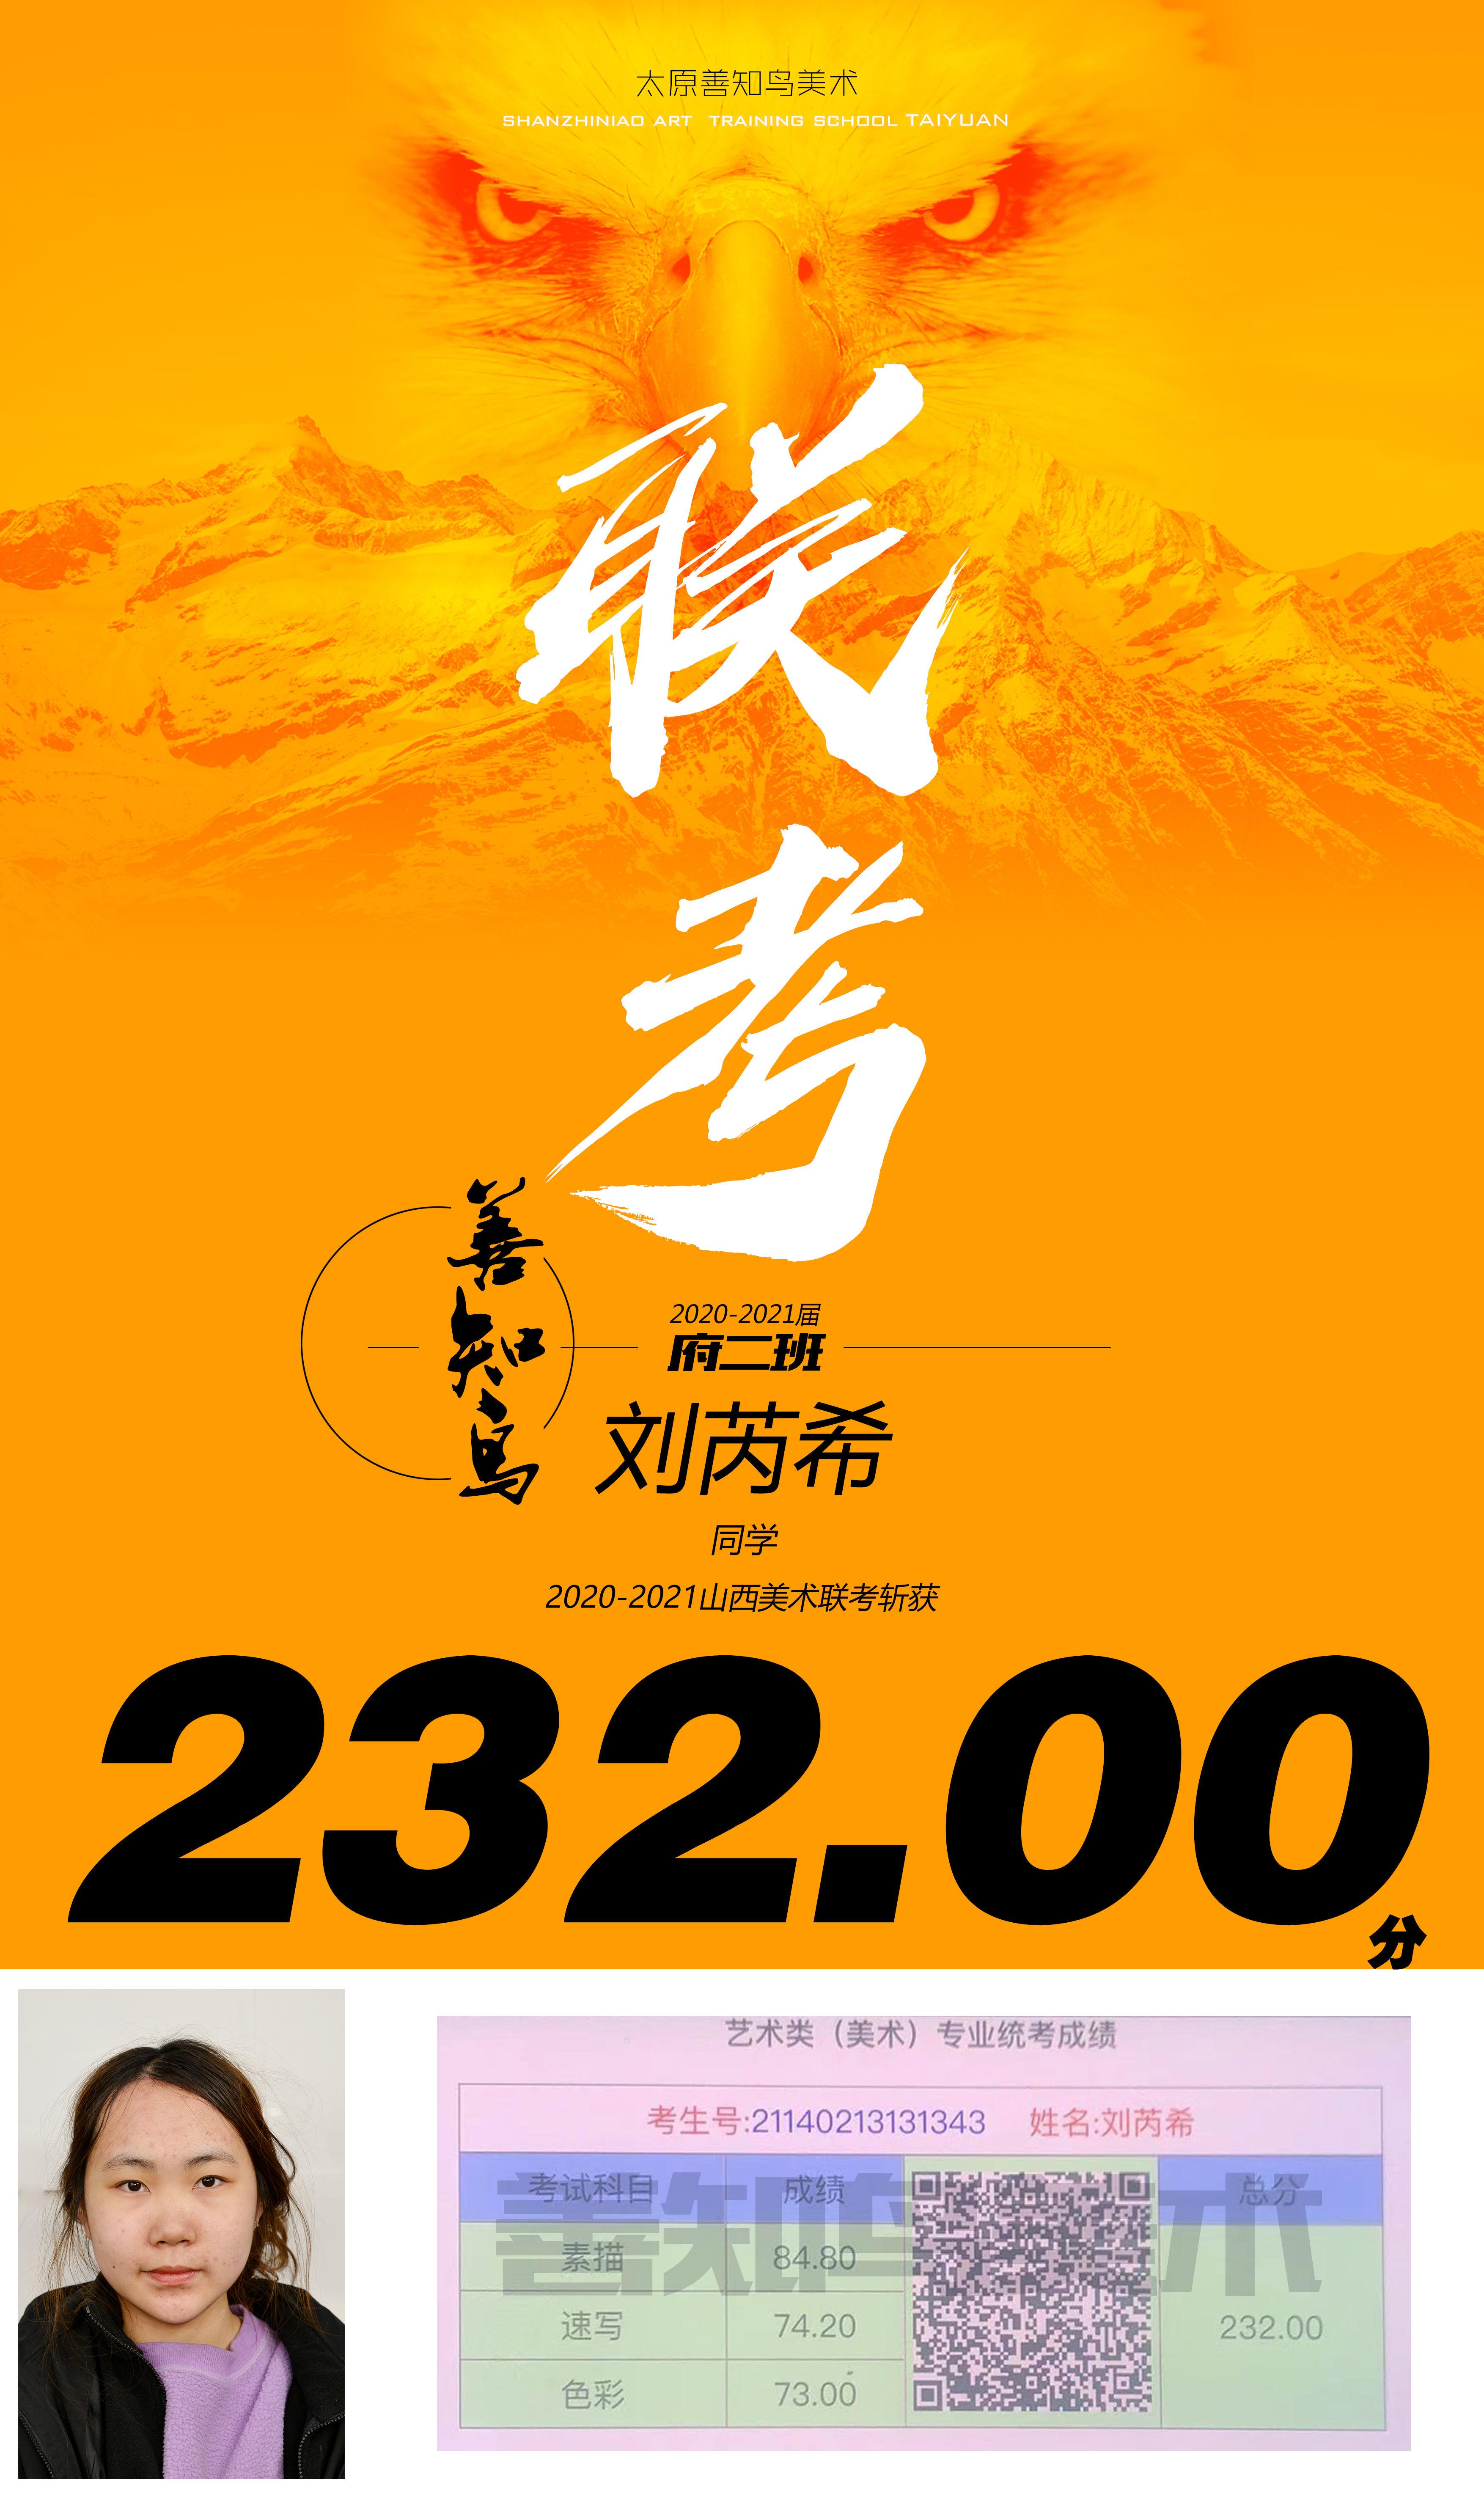 232.00刘芮希.jpg